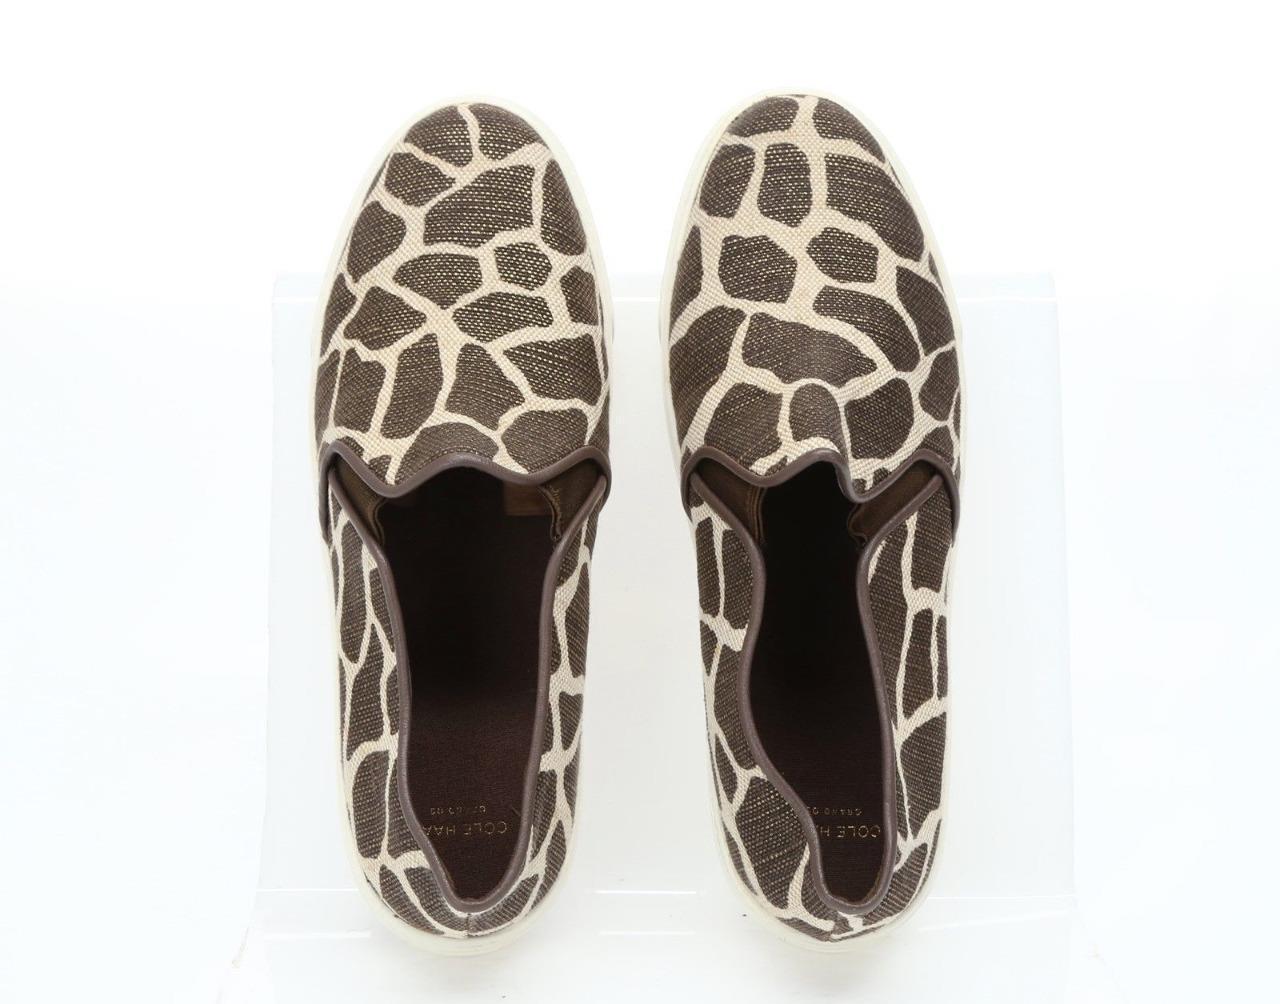 Cole Haan Jennica Jirafa Brillo Lona Resbalón en en en Zapatos de Mujer Talla 5 M  nuevo  c33dd1